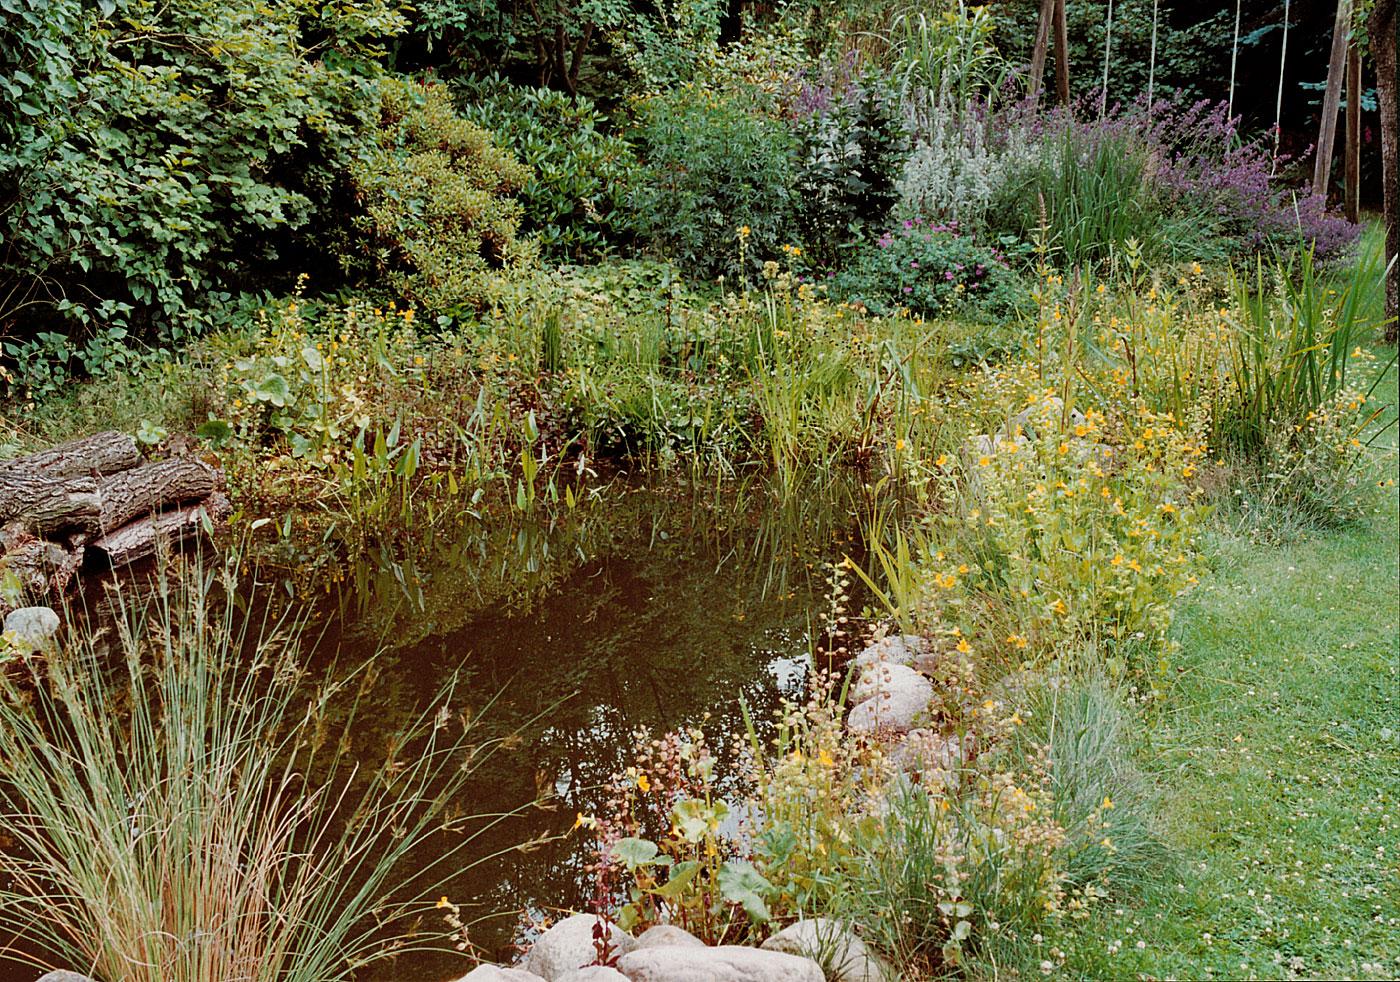 Großartig Gartenteich Bildergalerie Sammlung Von Naturnaher Wasserlandschaft